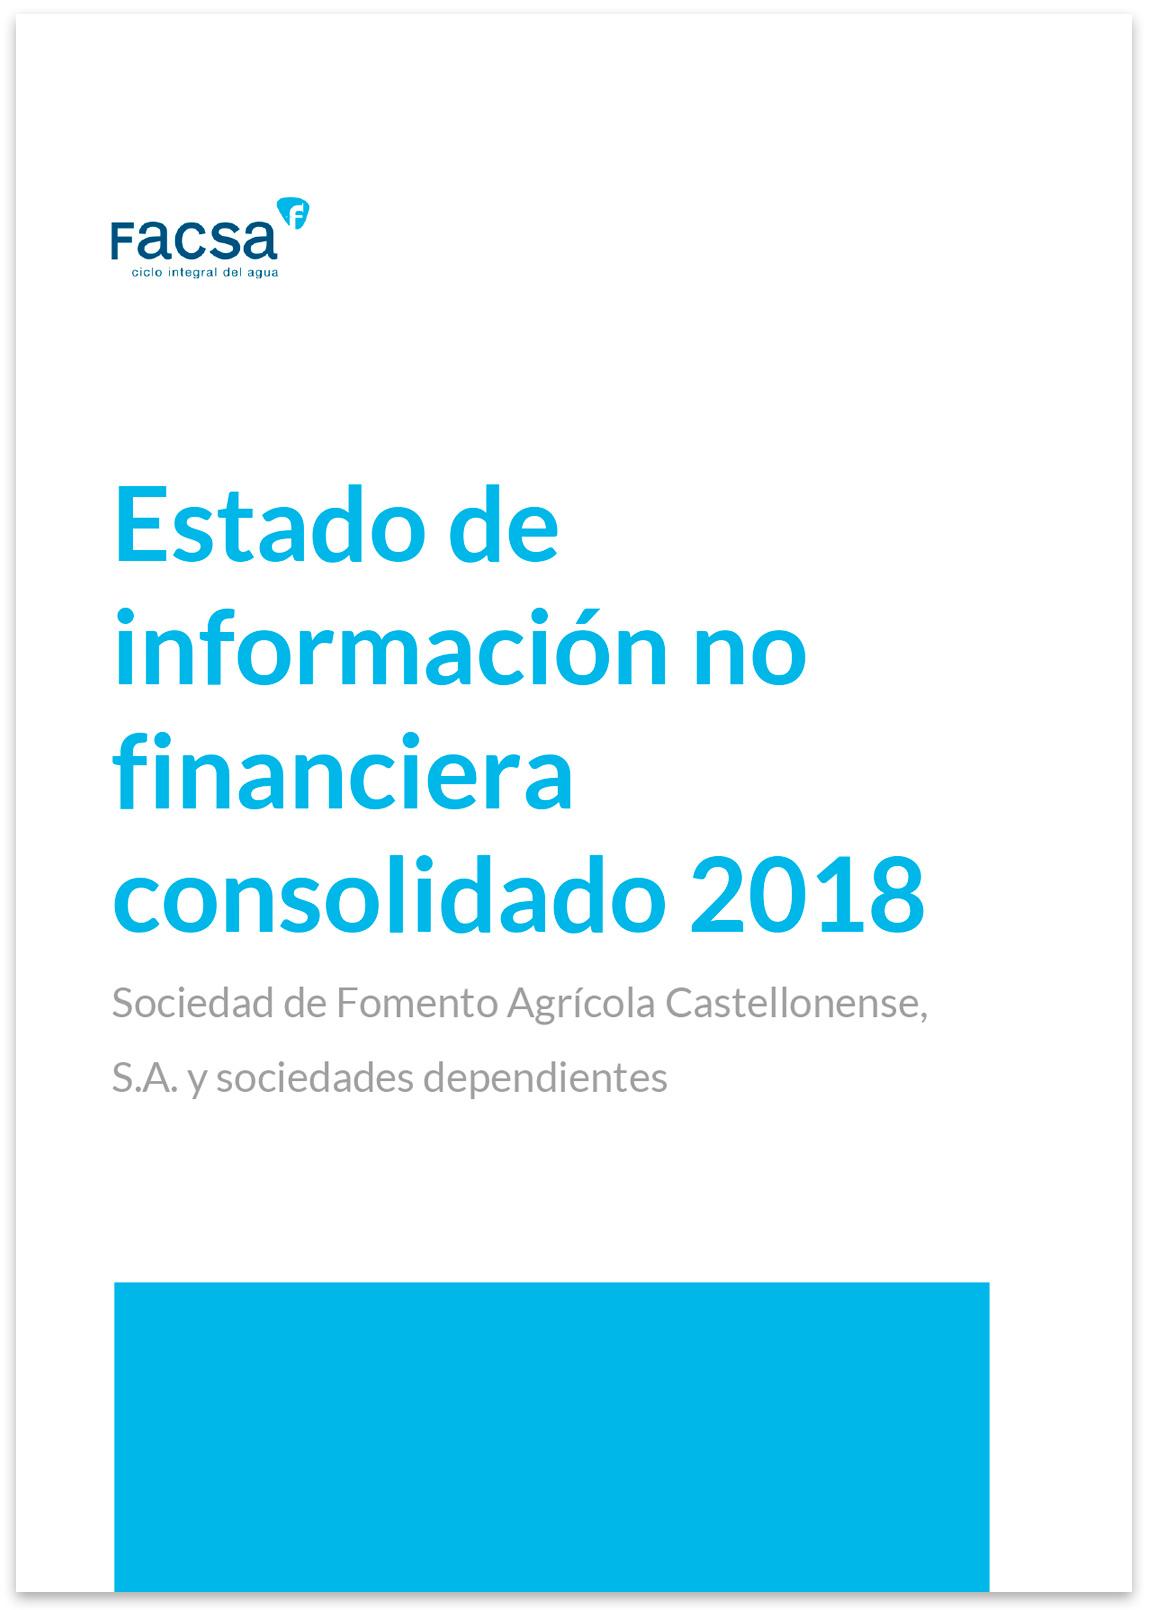 informe2018fin.jpg